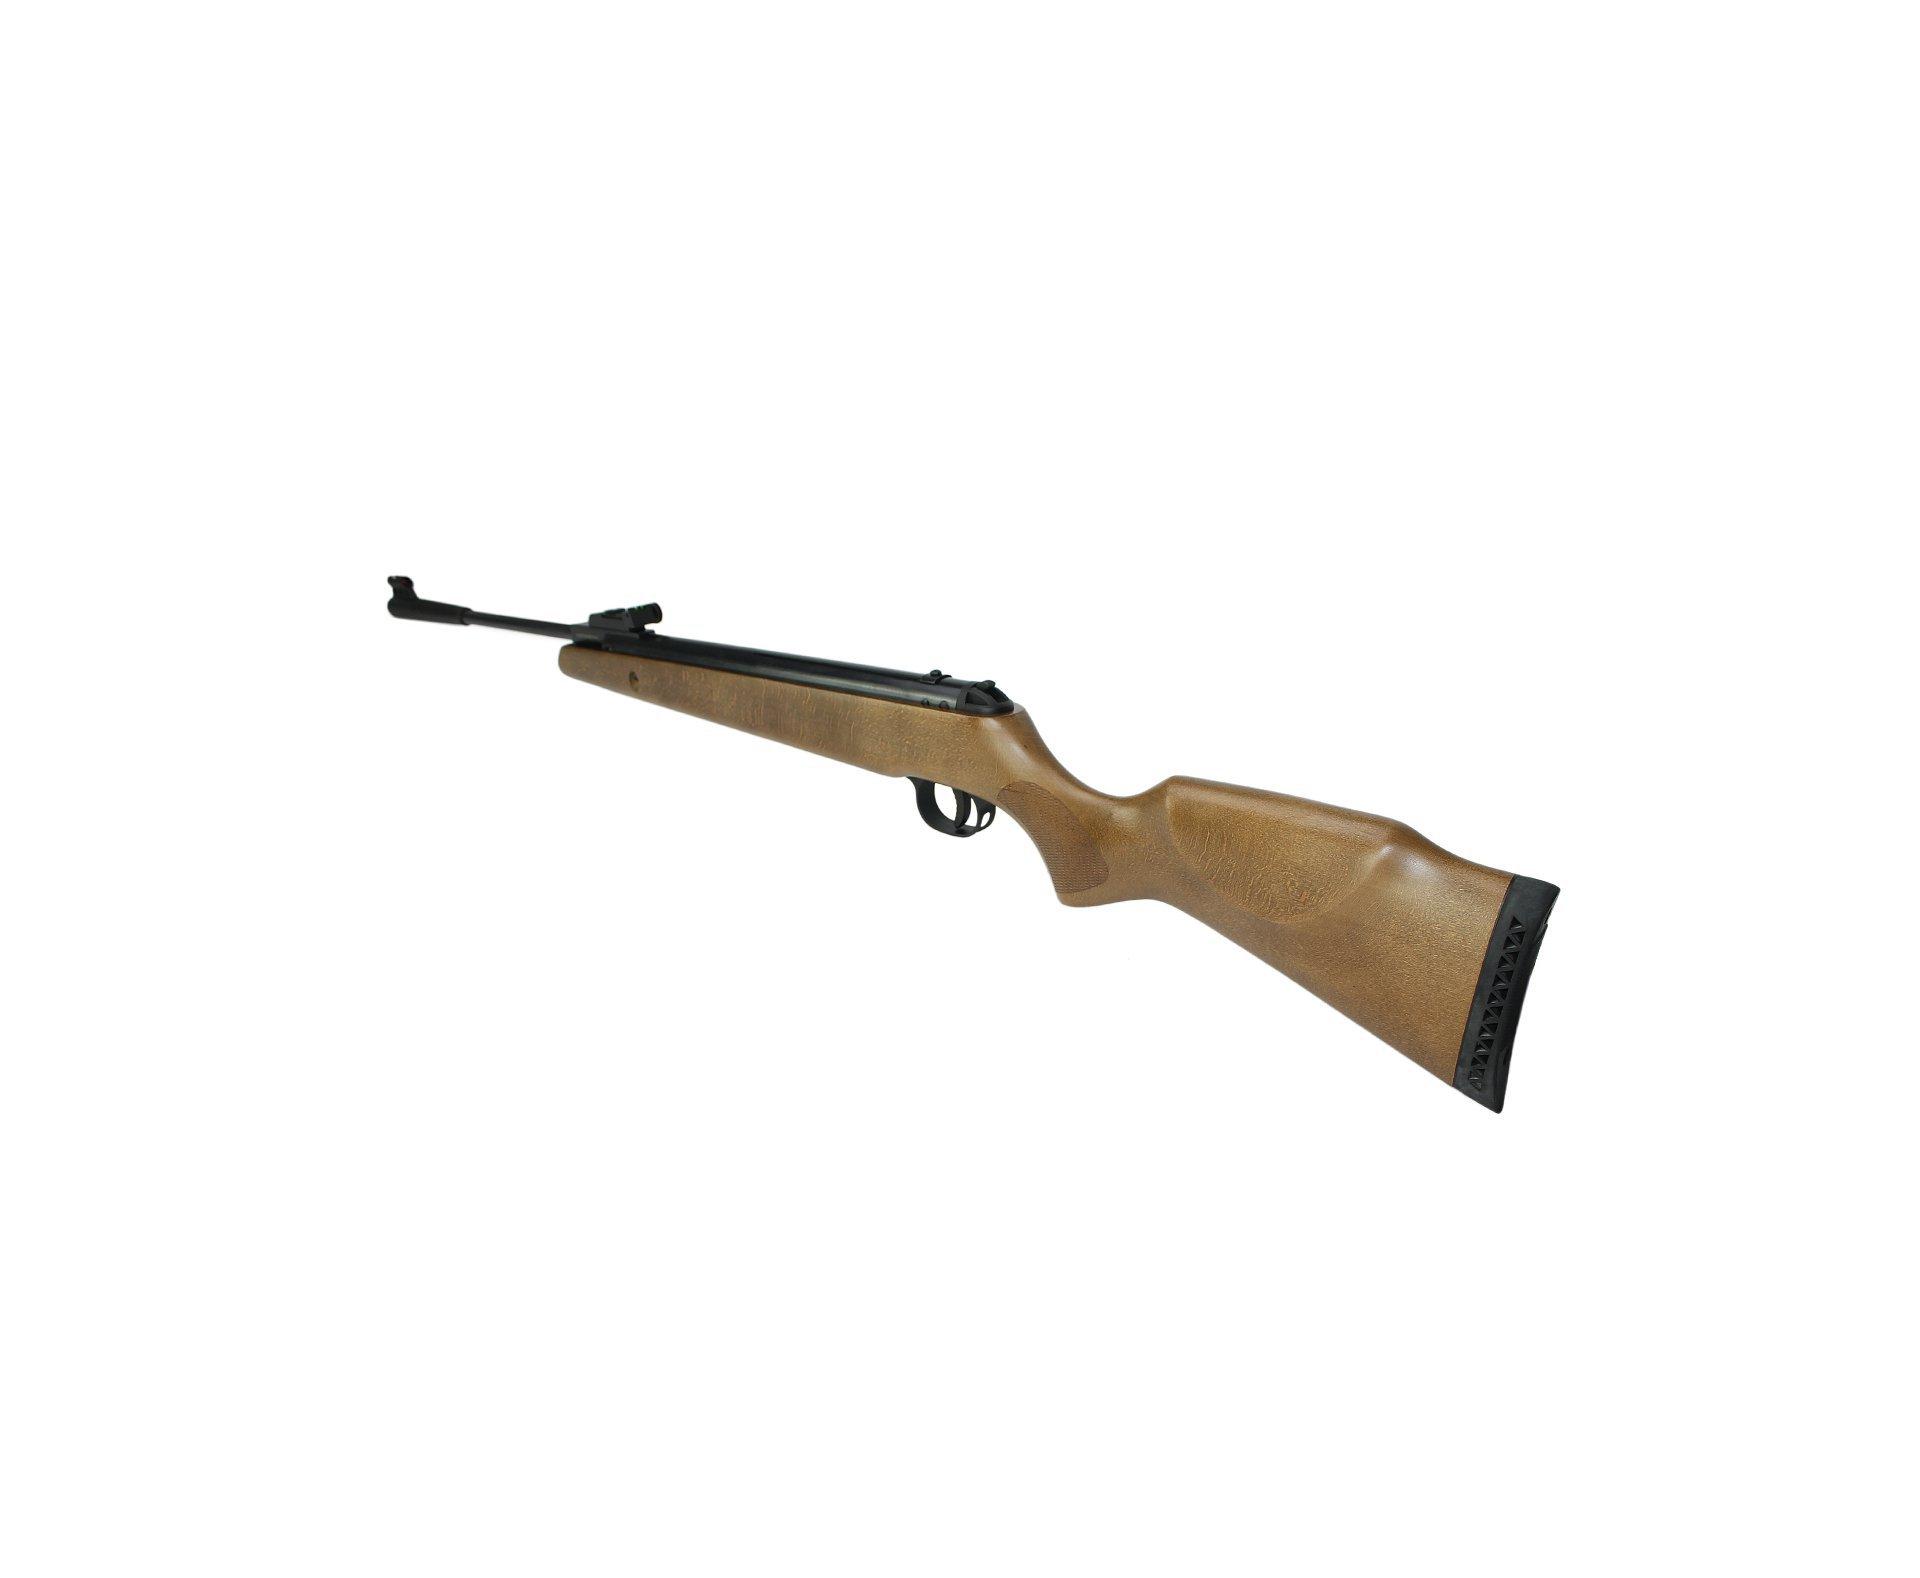 Carabina De Pressão Desert Storm Cal 5.5mm Madeira Artemis